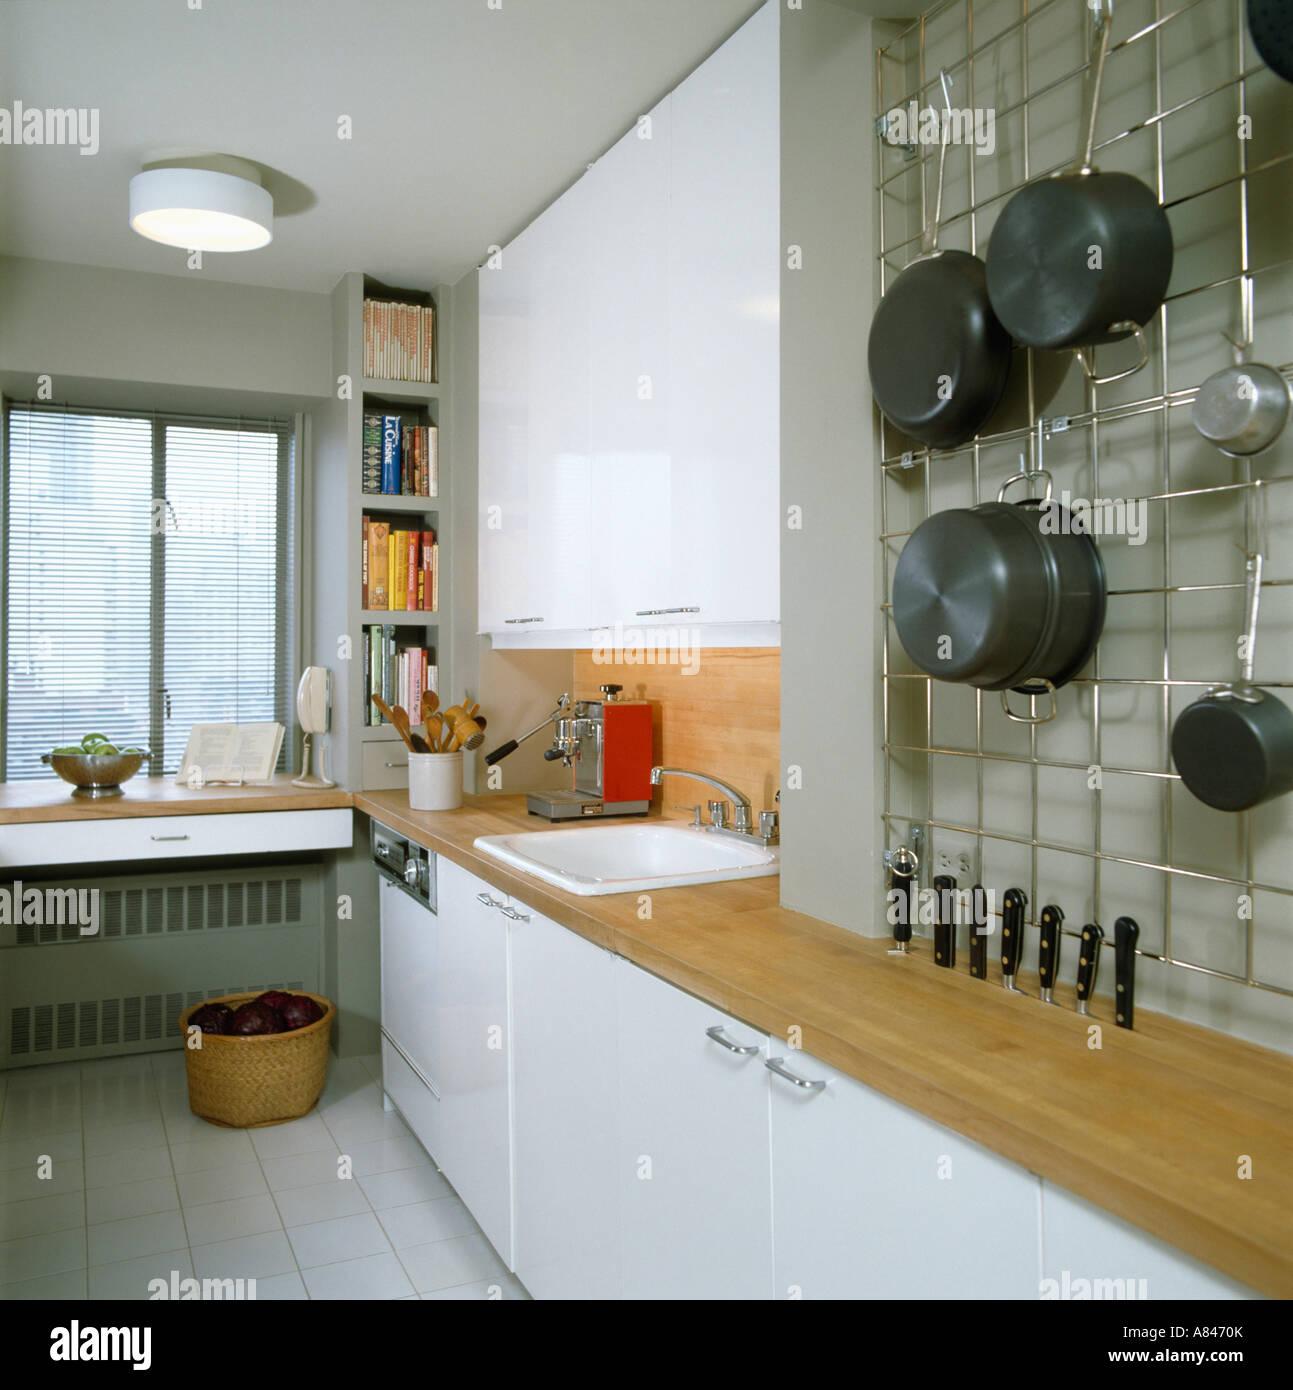 Attirant Saucepans Stored On Wire Wall Rack In Modern White Galley Kitchen